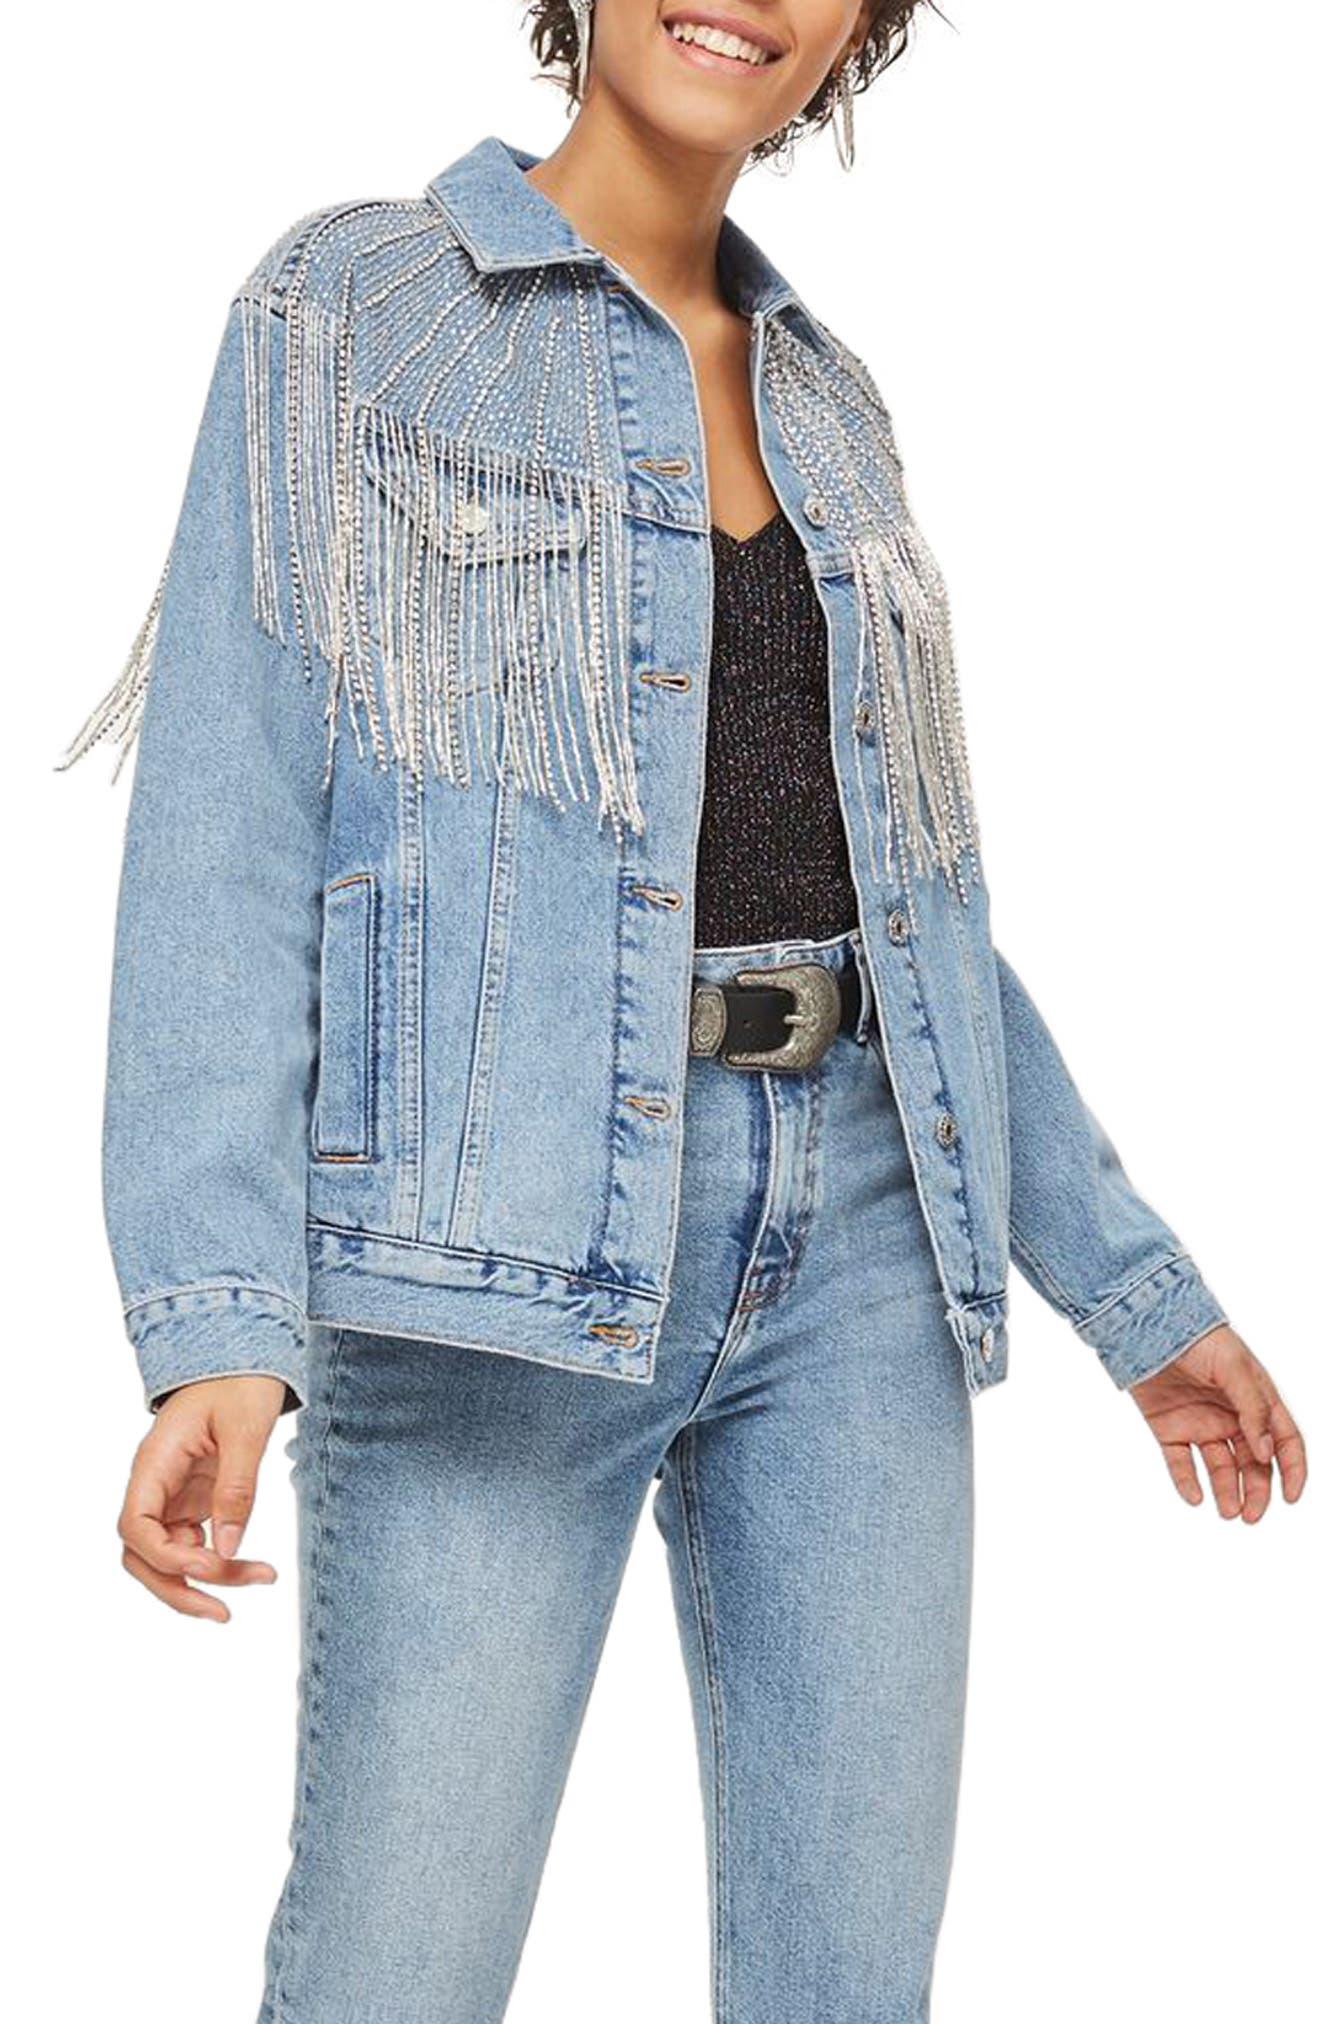 Main Image - Topshop Dolly Sequin Fringe Denim Jacket